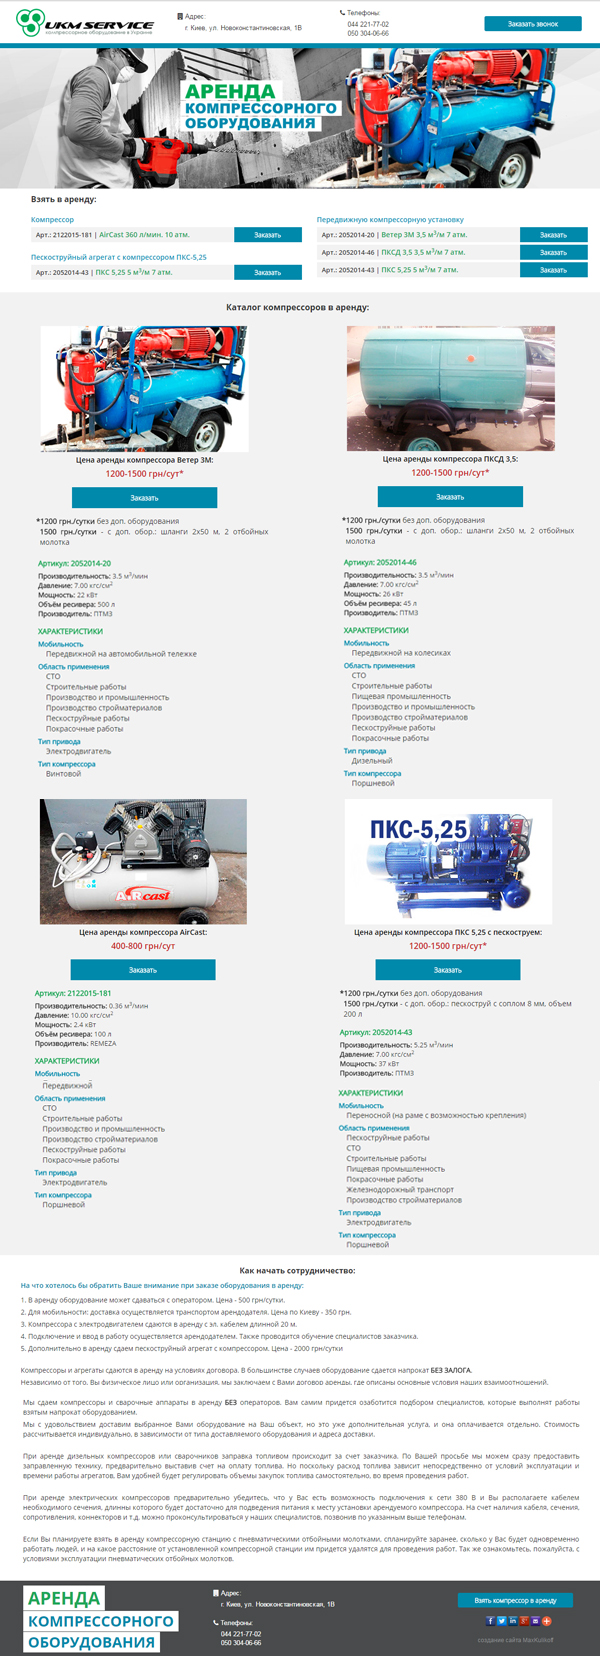 Створення сайту для оренди компресорного устаткування